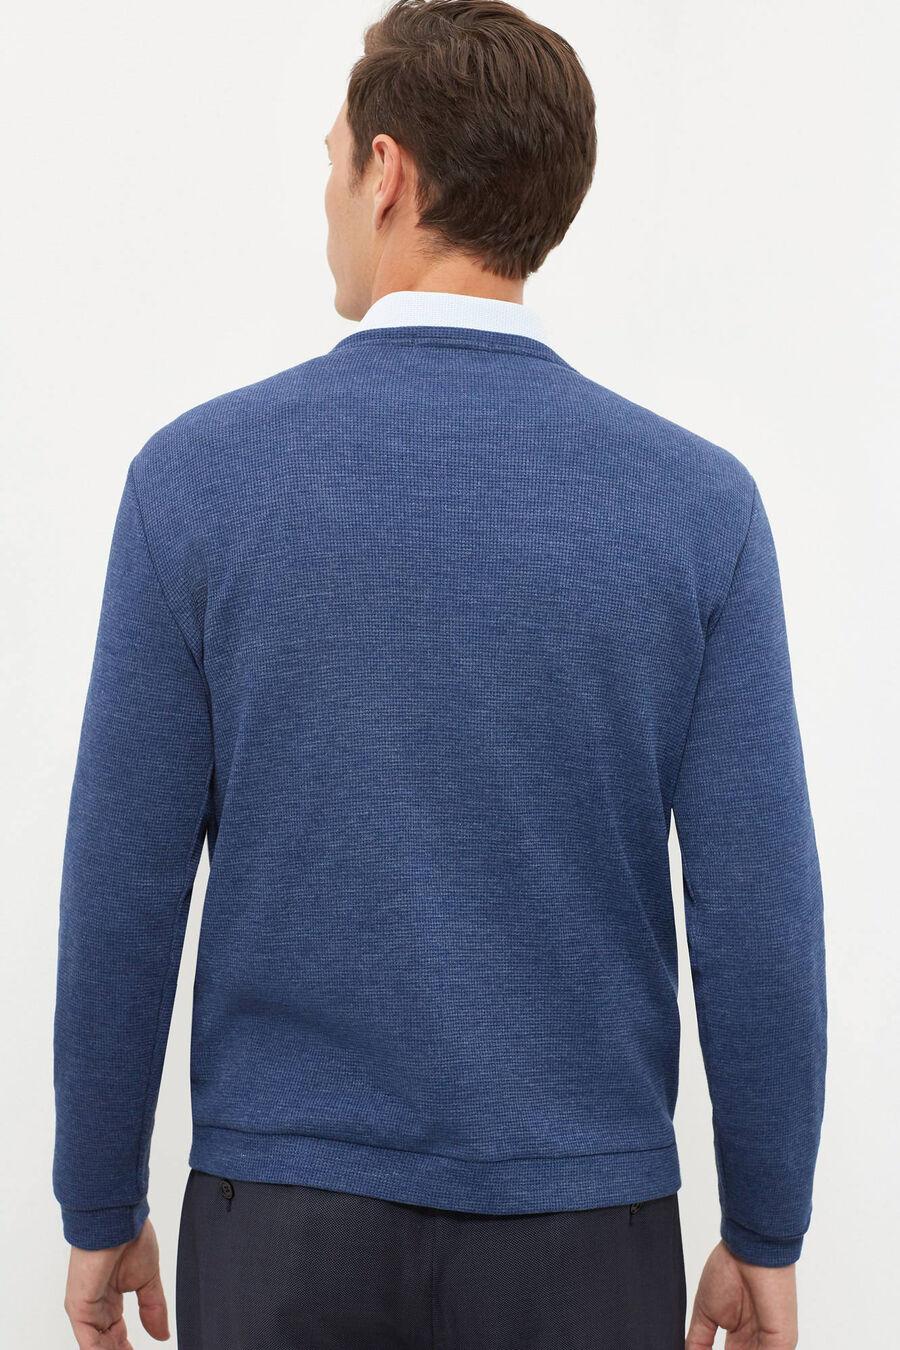 Patterned sweatshirt